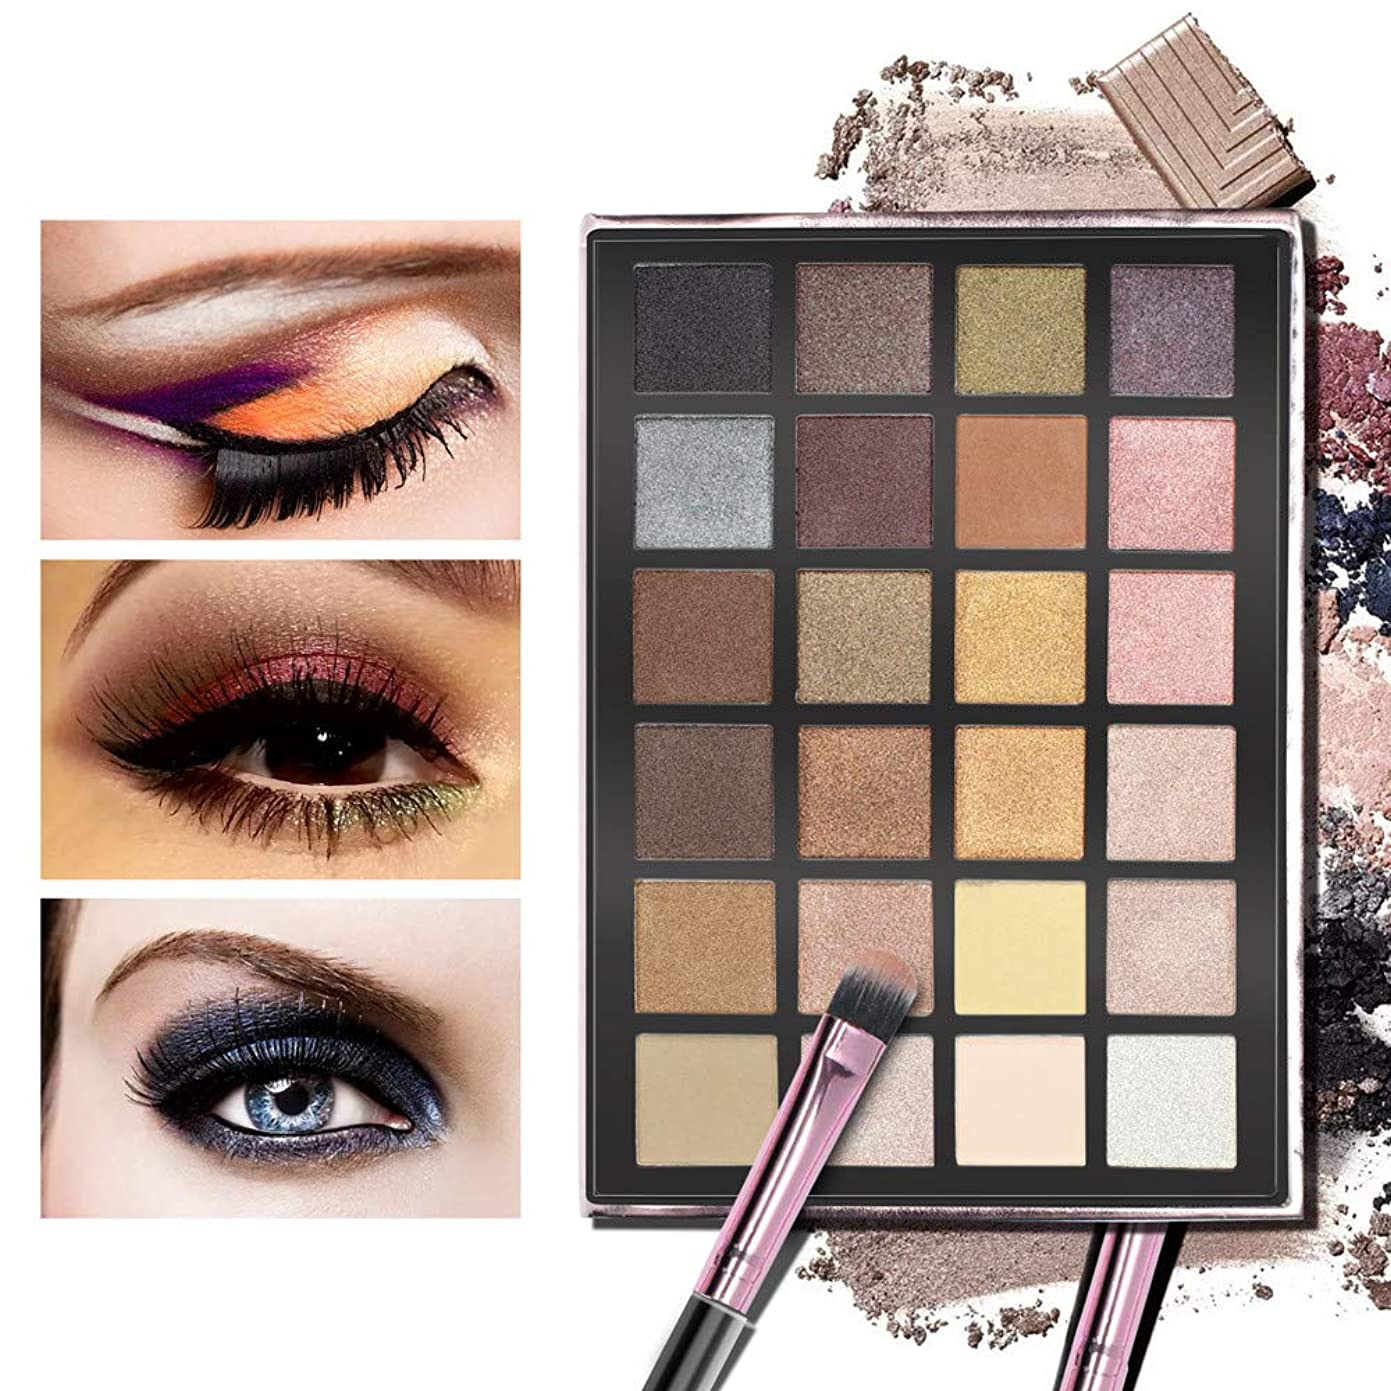 いつか錆びコミュニケーションAkane アイシャドウパレット ANYLADY 人気 ファッション ゴージャス 綺麗 欧米風 日本人肌に合う マット つや消し 持ち便利 Eye Shadow (24色)